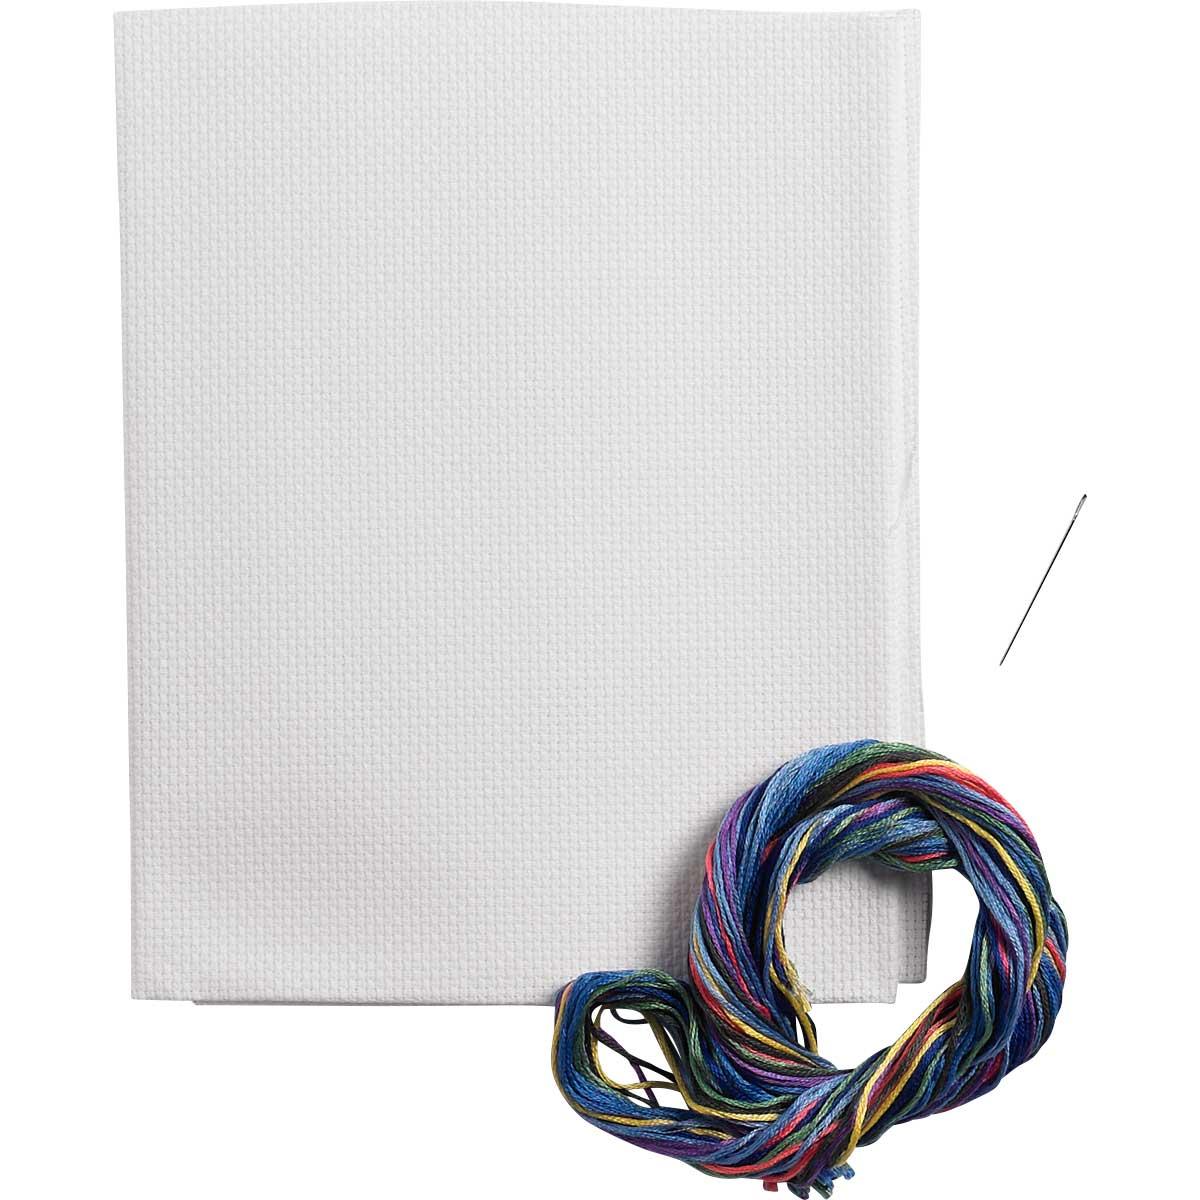 Bucilla ® Counted Cross Stitch - Picture Kits - Hallmark - Home